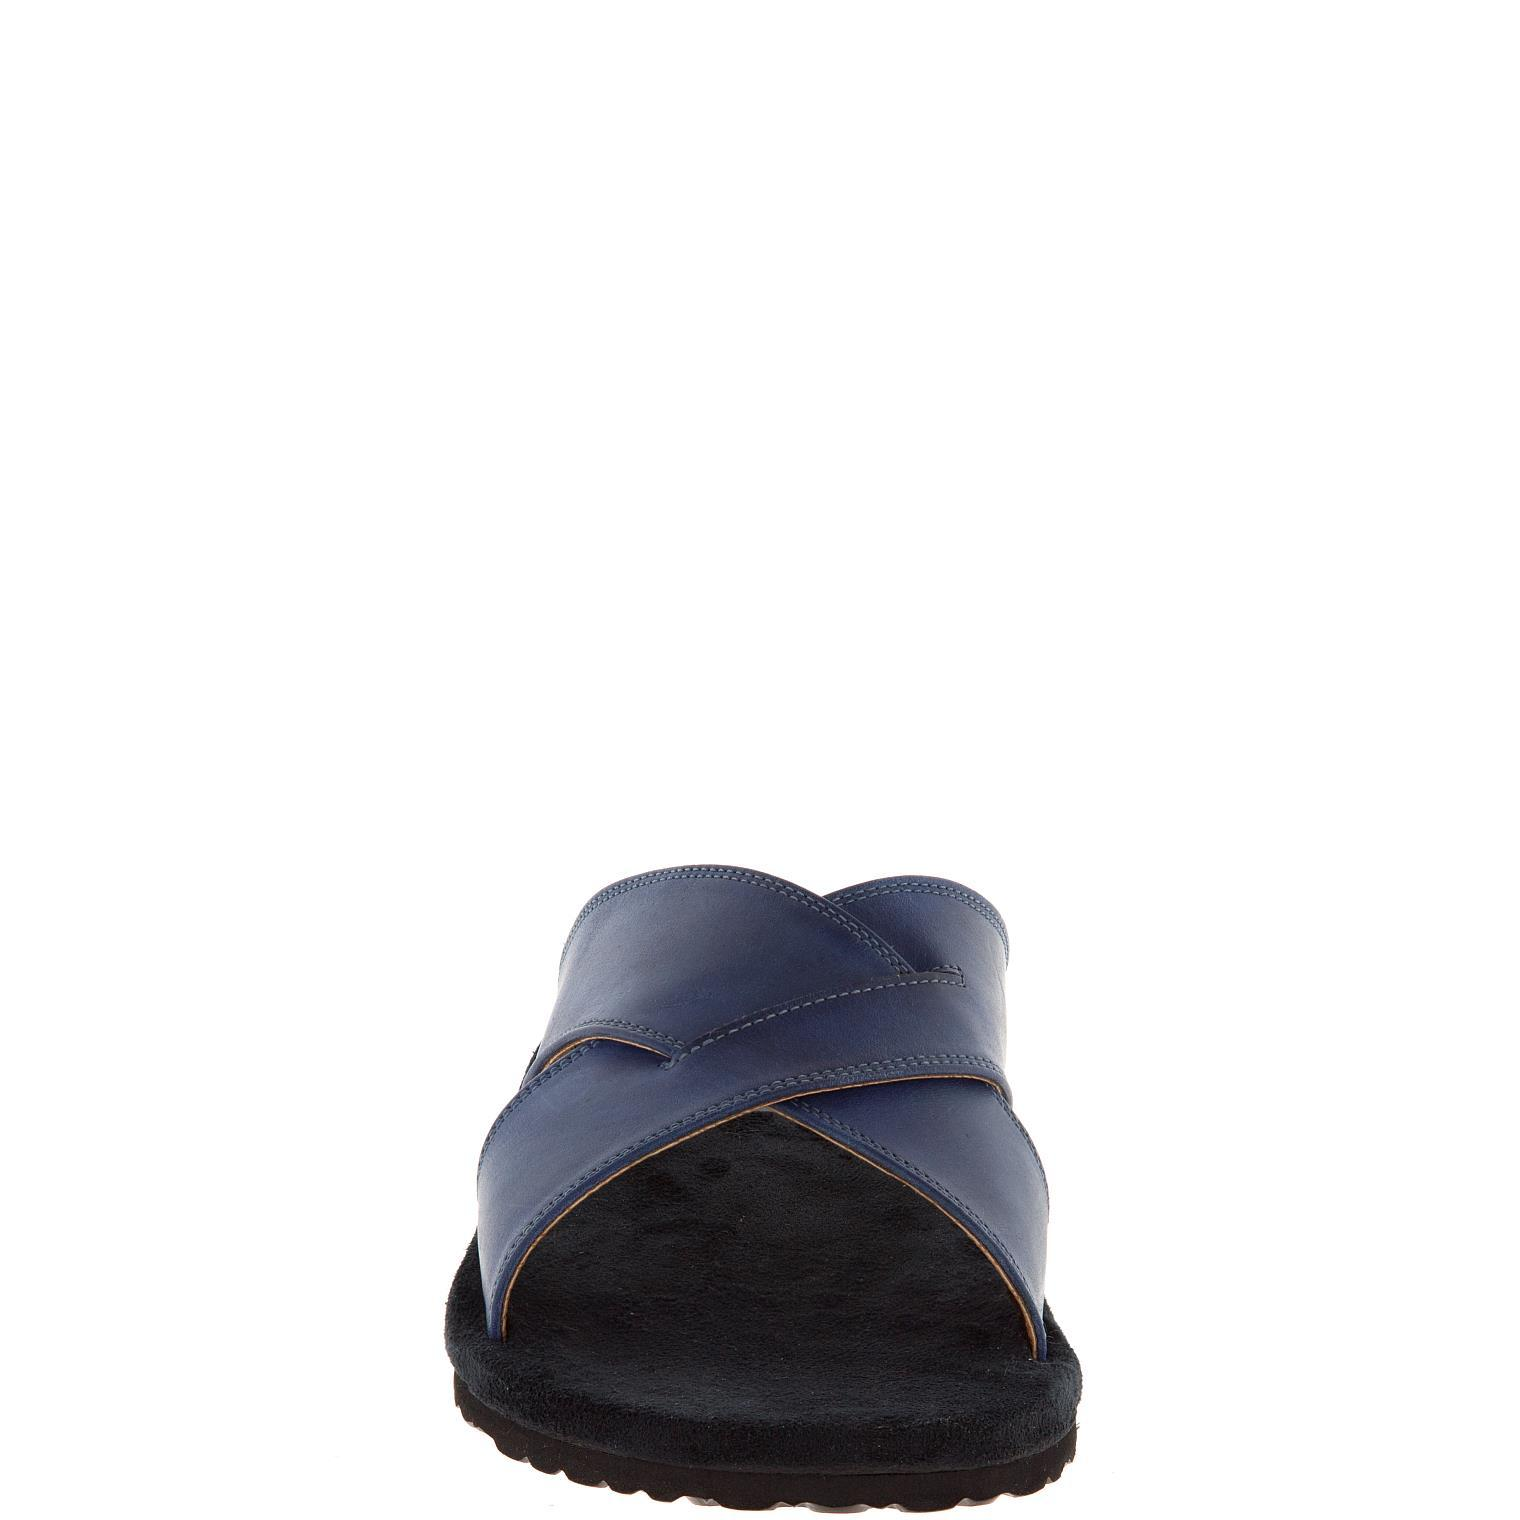 577157 сабо мужские синие больших размеров марки Делфино